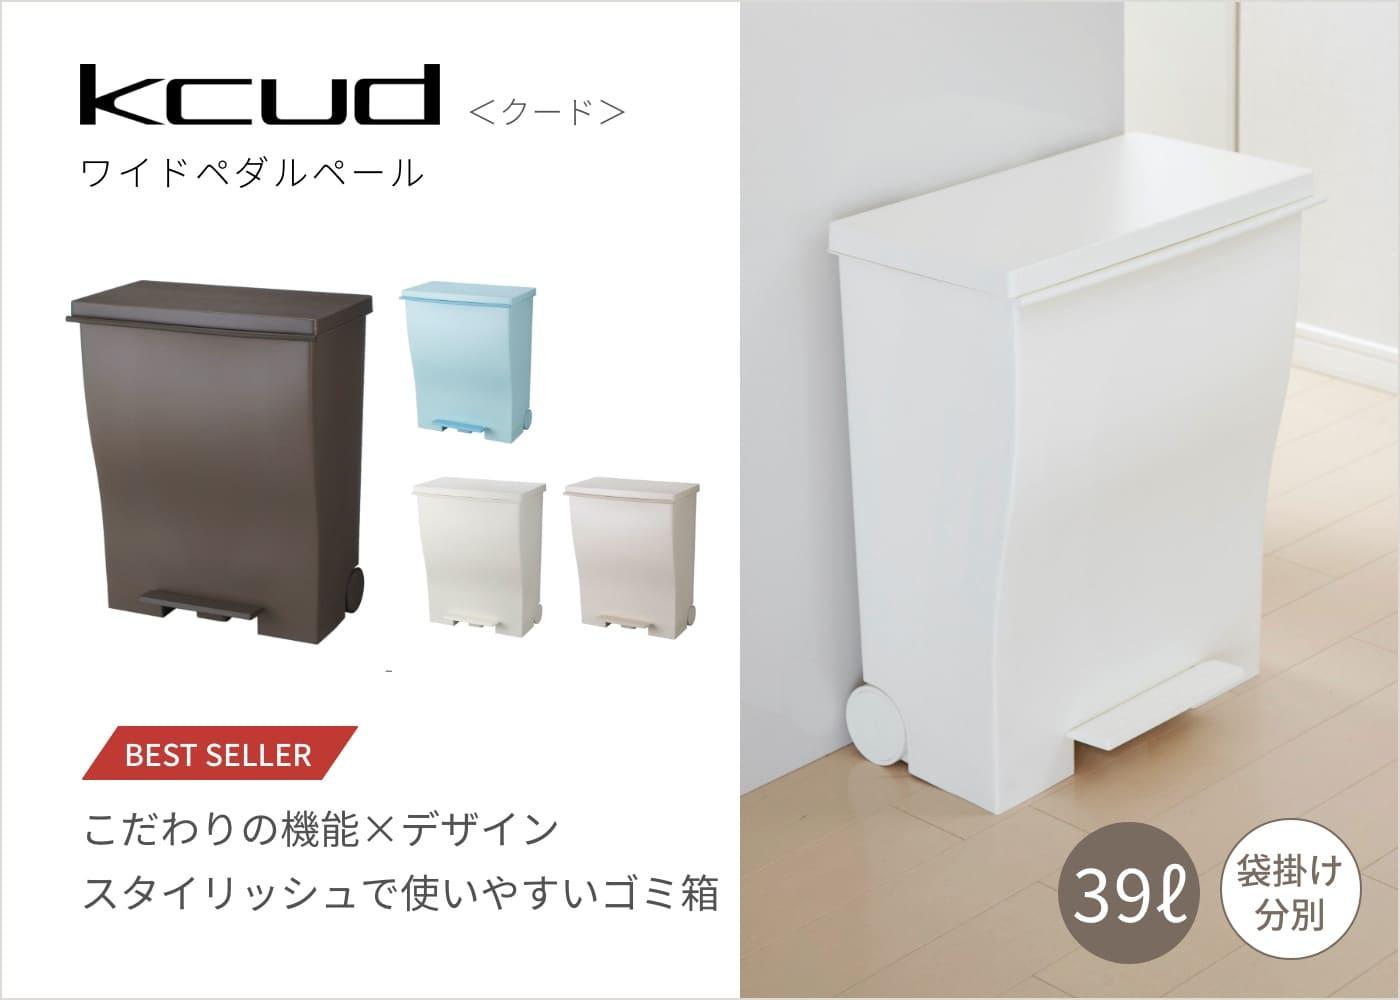 kcudワイドペダルペール「こだわりの機能✕デザイン。スタイリッシュで使いやすいゴミ箱」